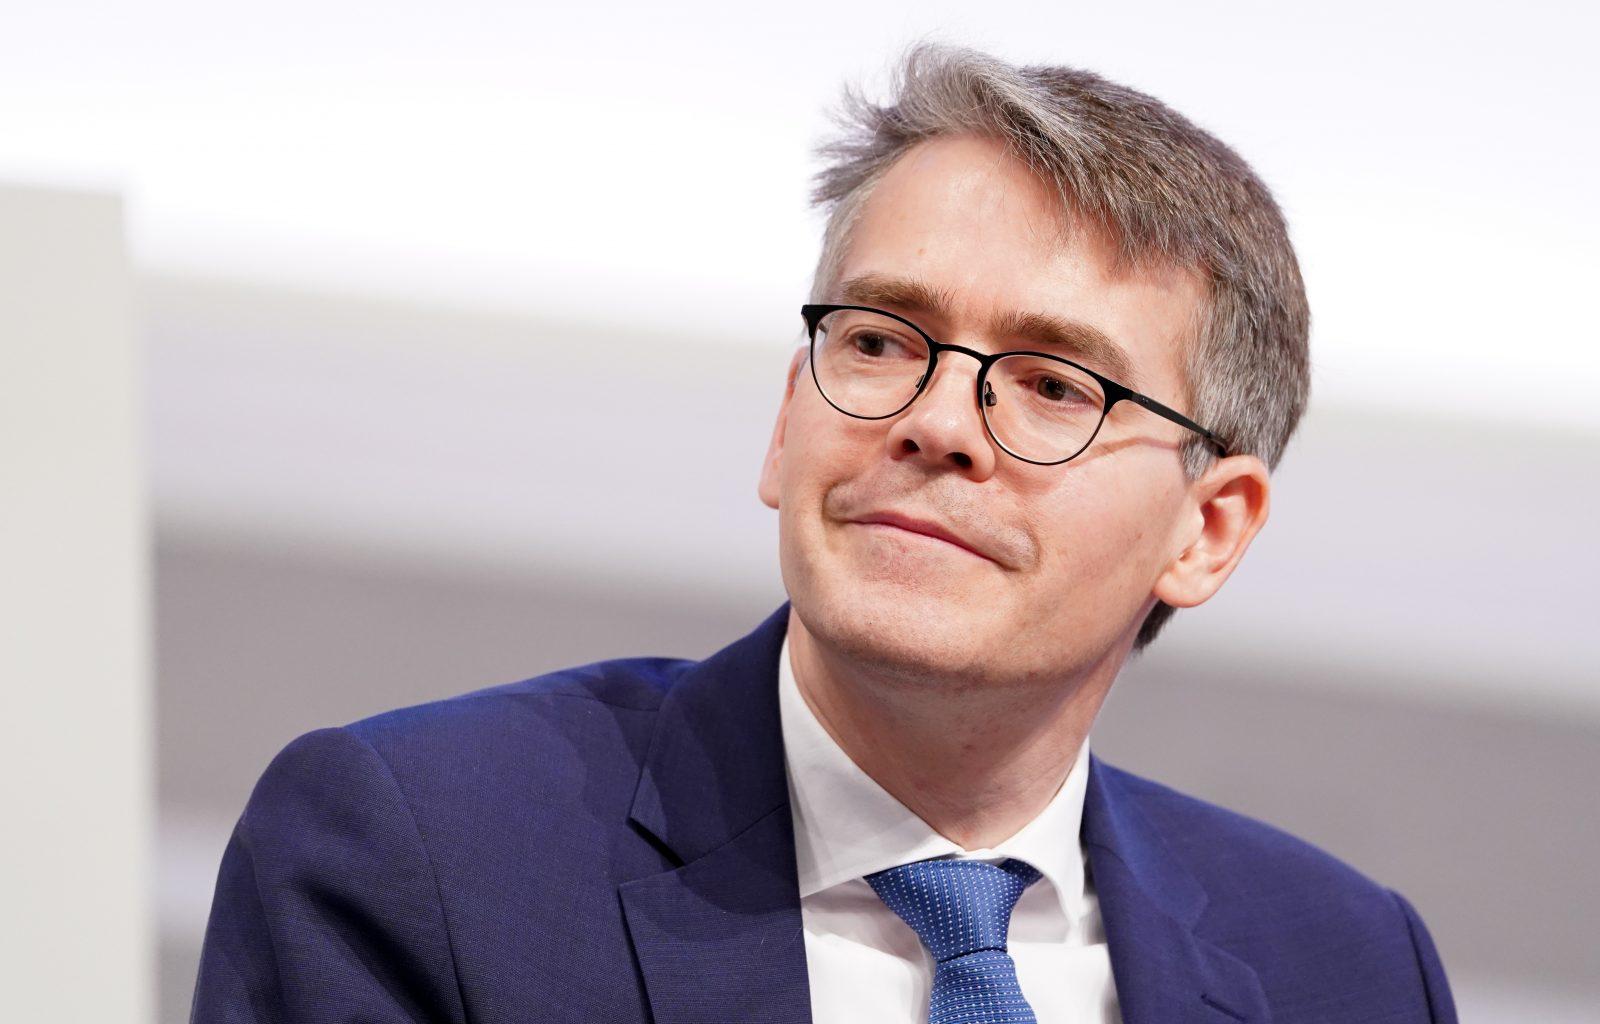 Der Bundesgeschäftsführer der CDU, Stefan Hennewig Foto: picture alliance/Kay Nietfeld/dpa